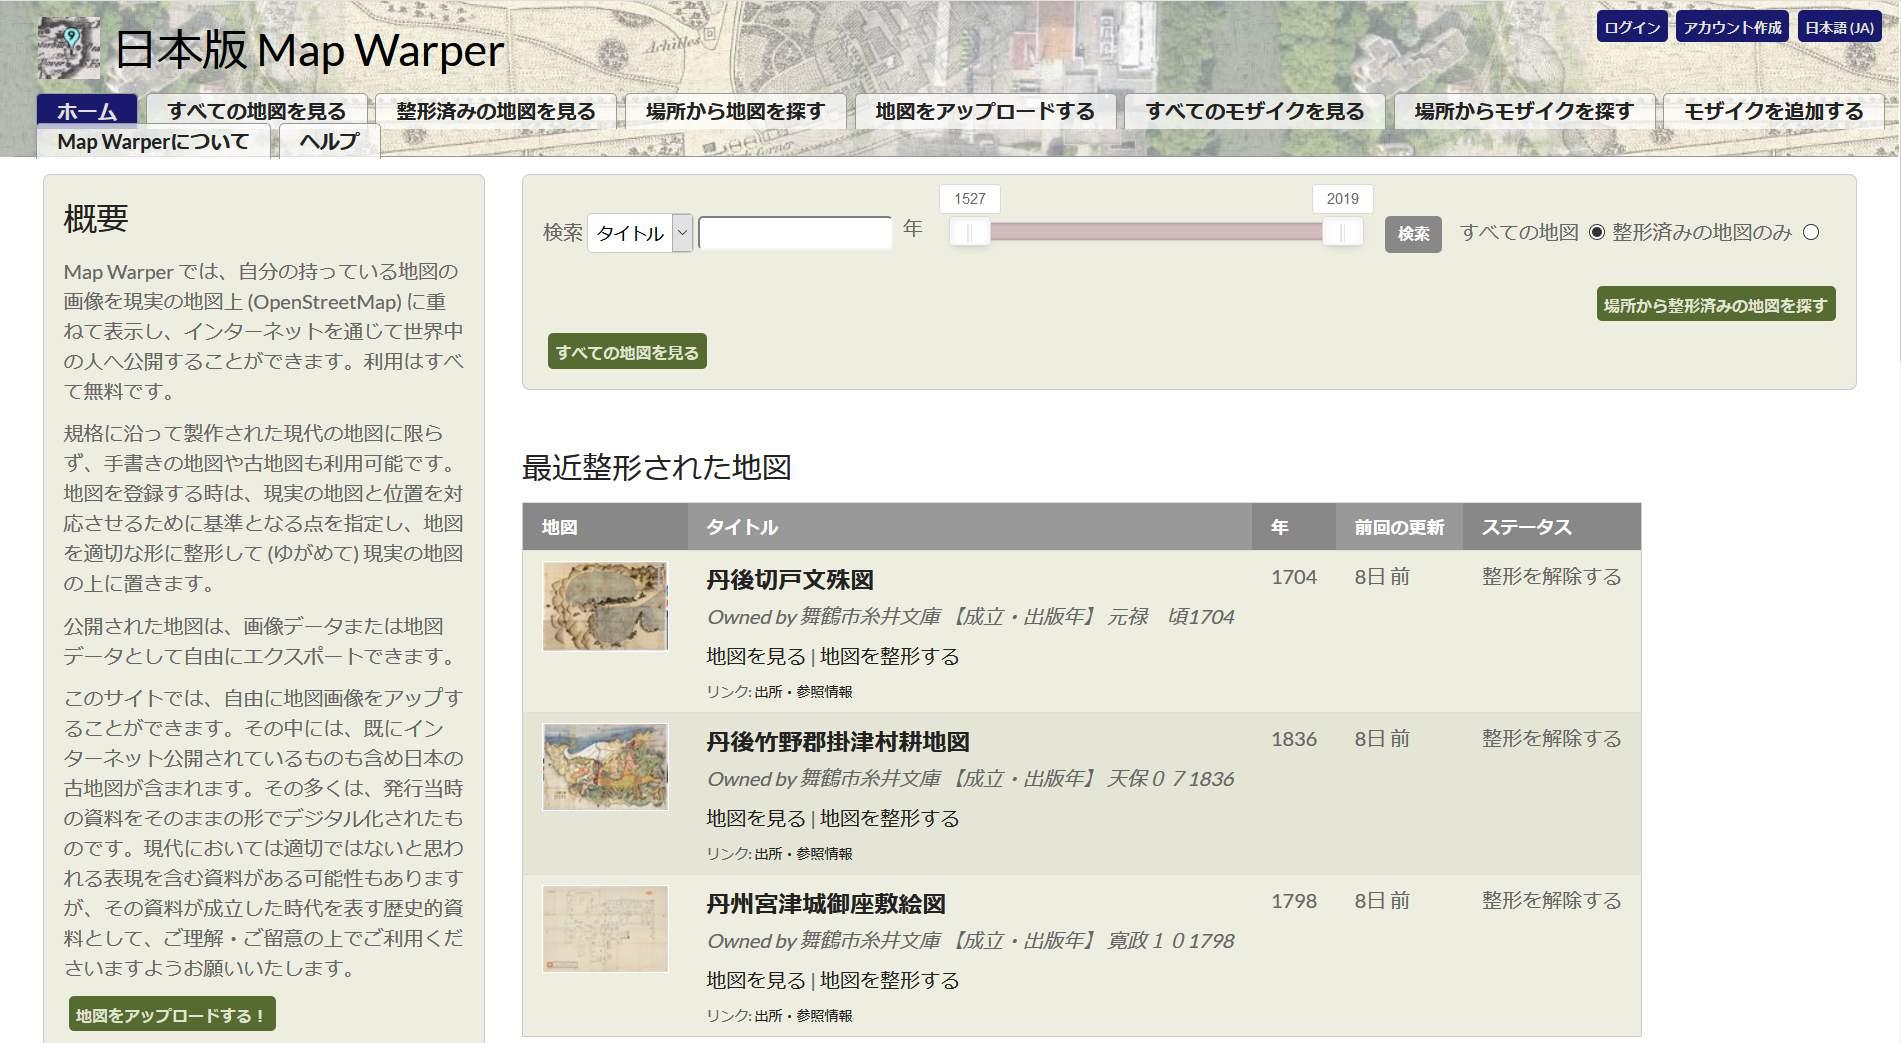 C1 日本版 Map Wrapper